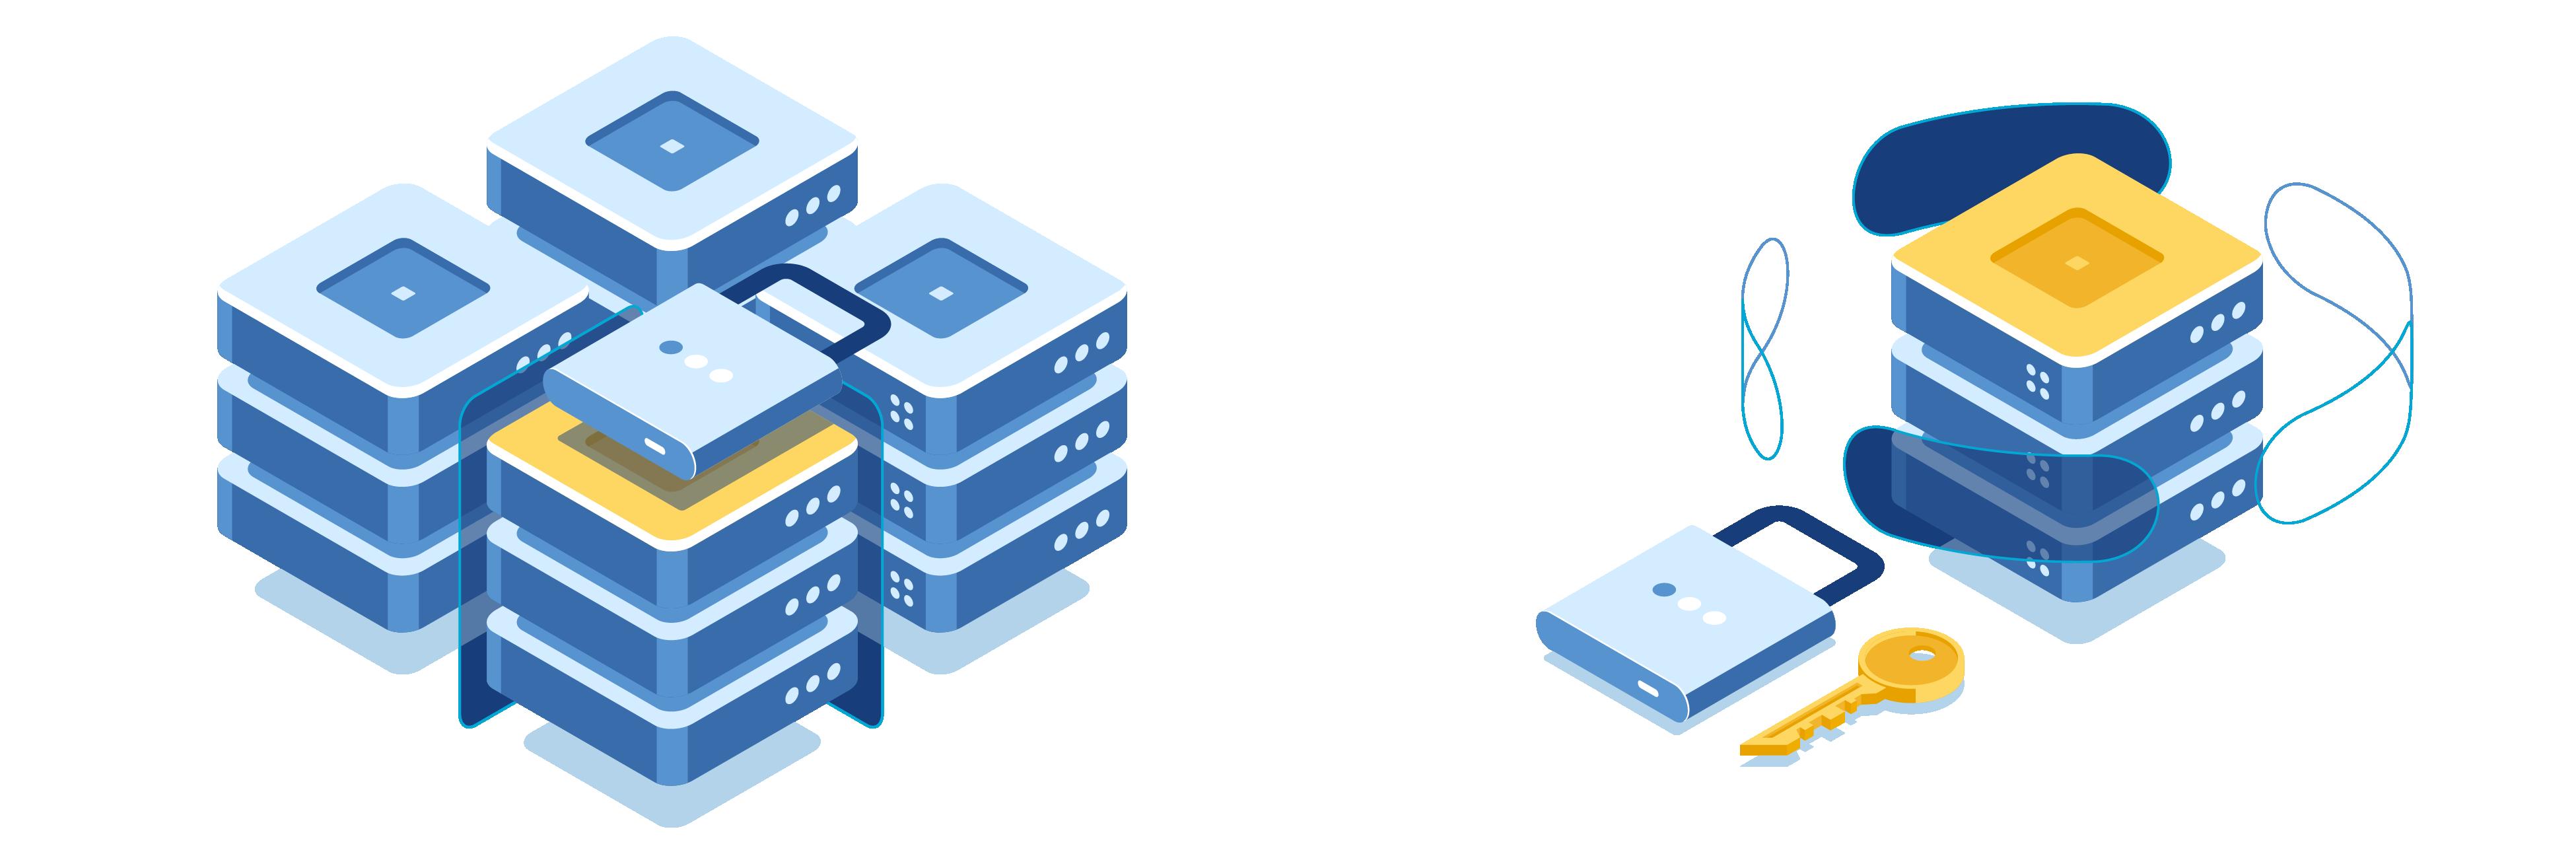 Independent Data Storage